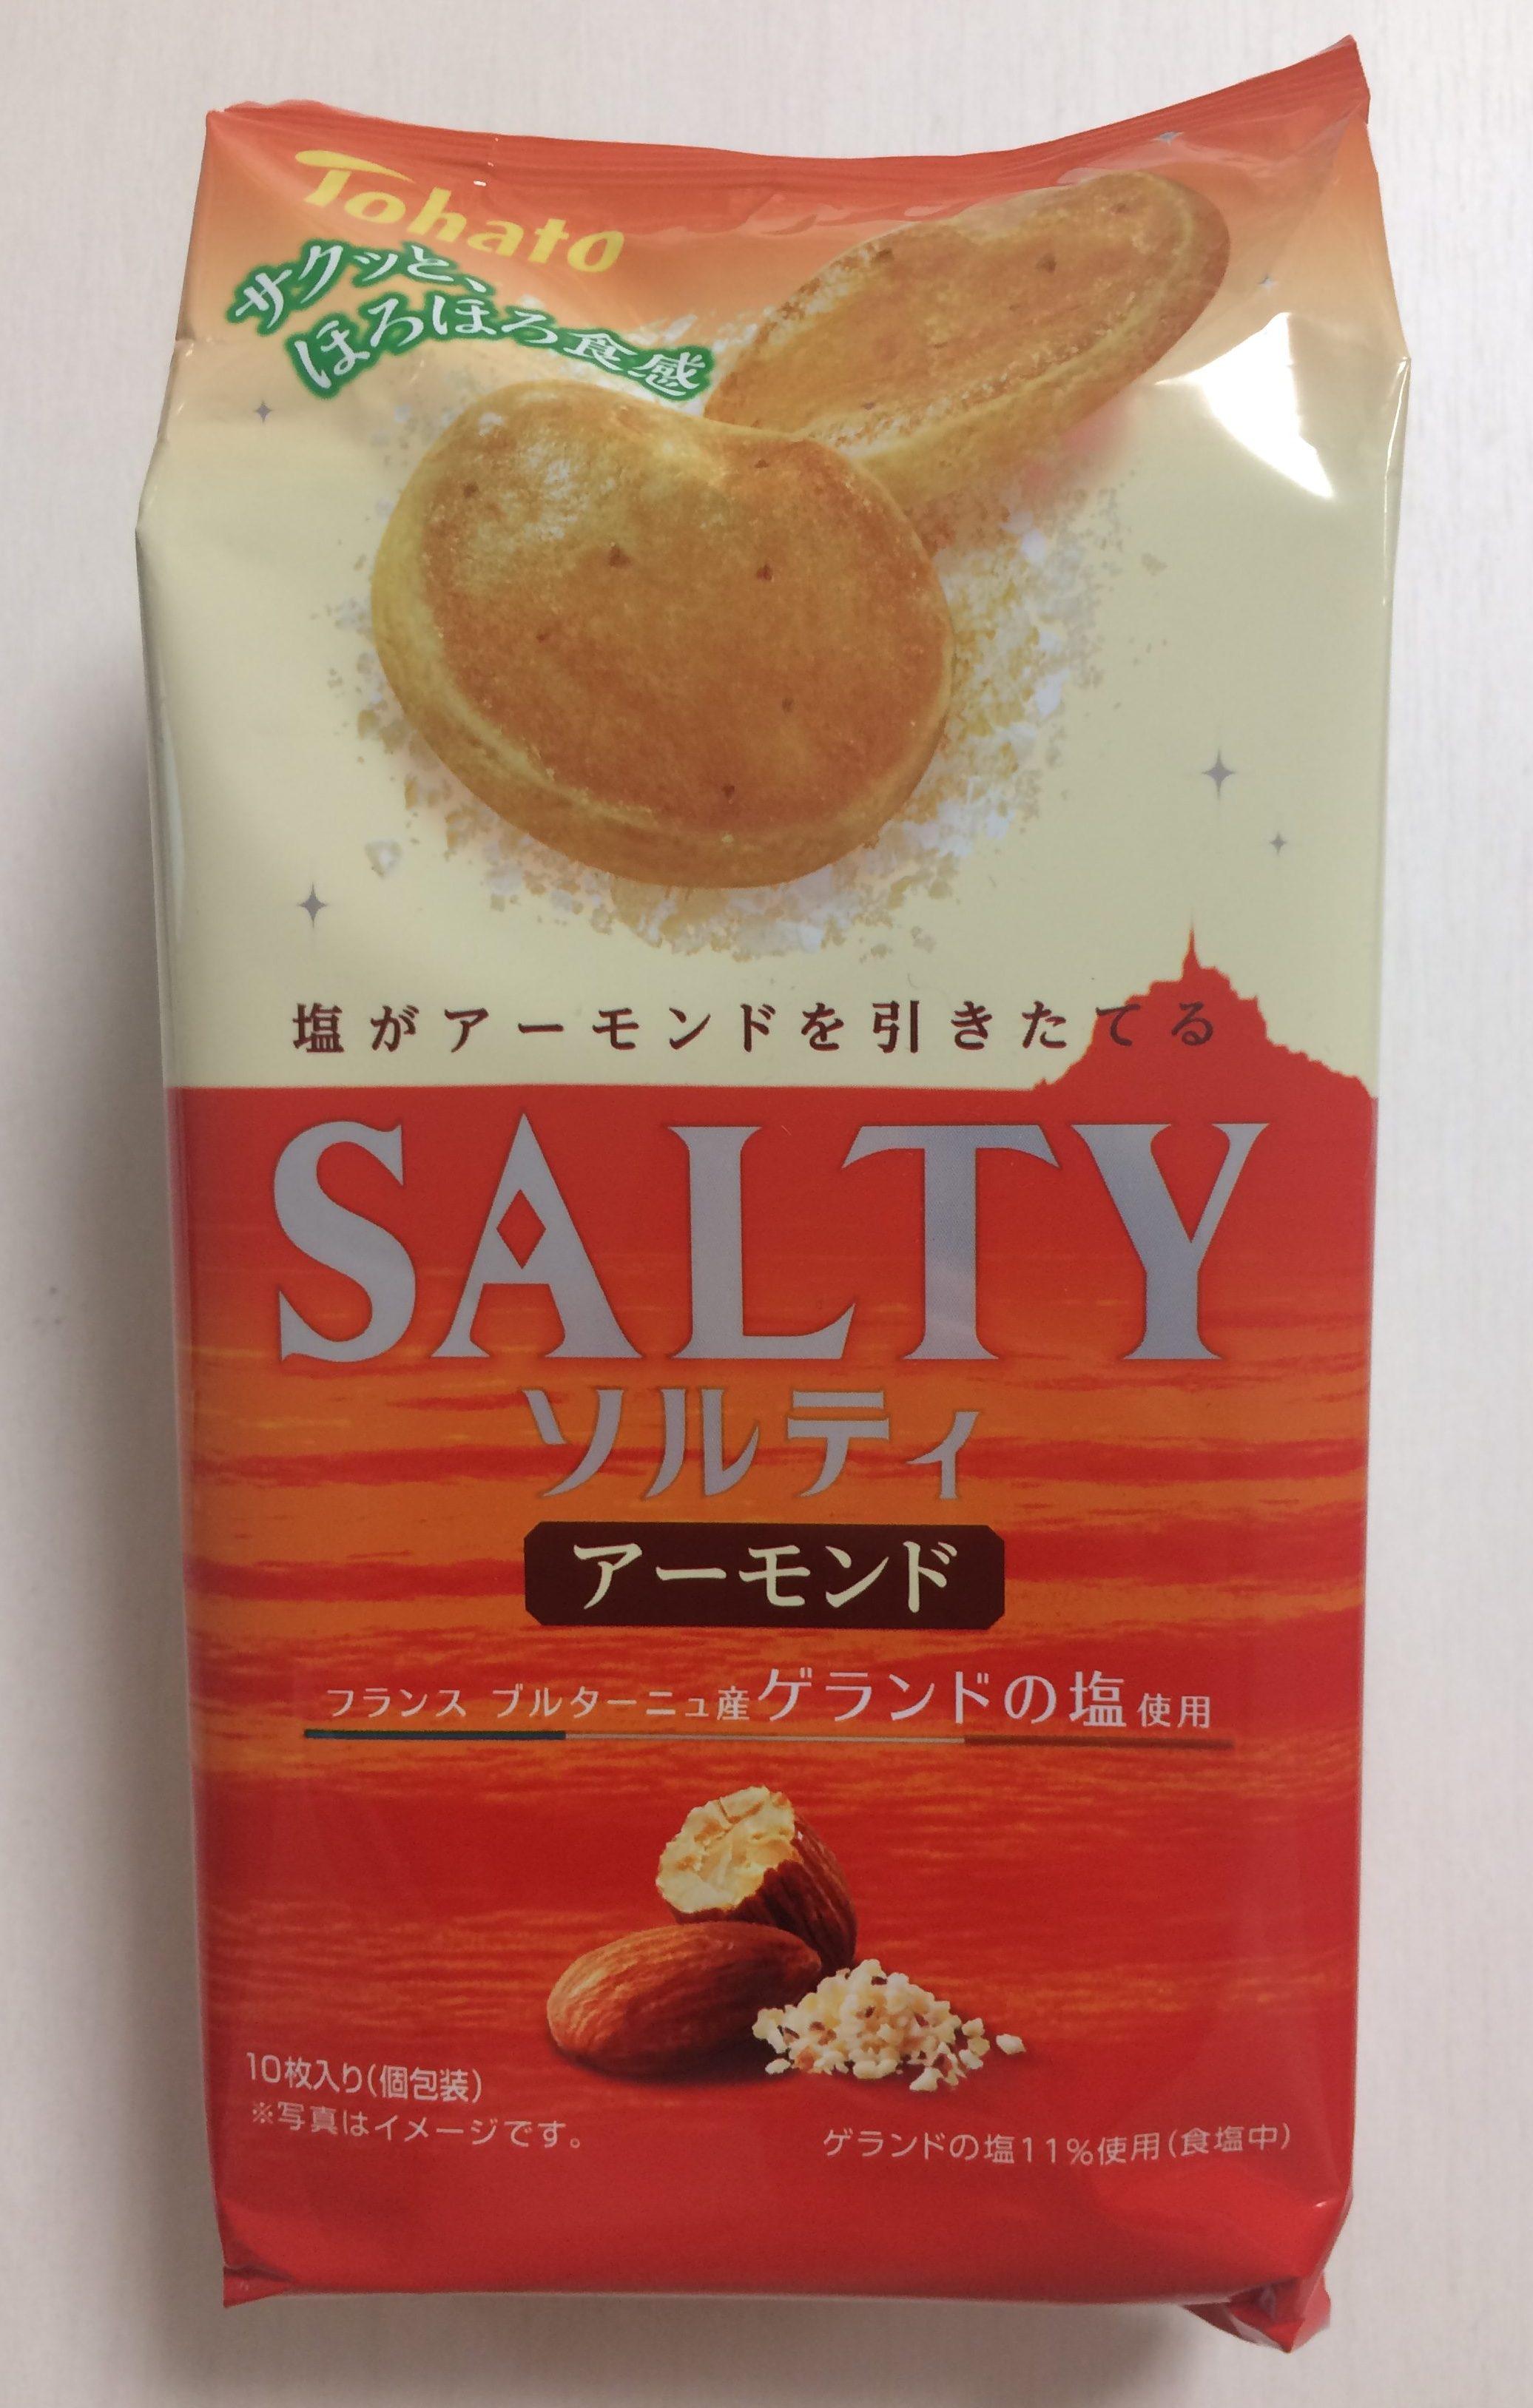 【東ハト】ソルティ アーモンド 食べた感想